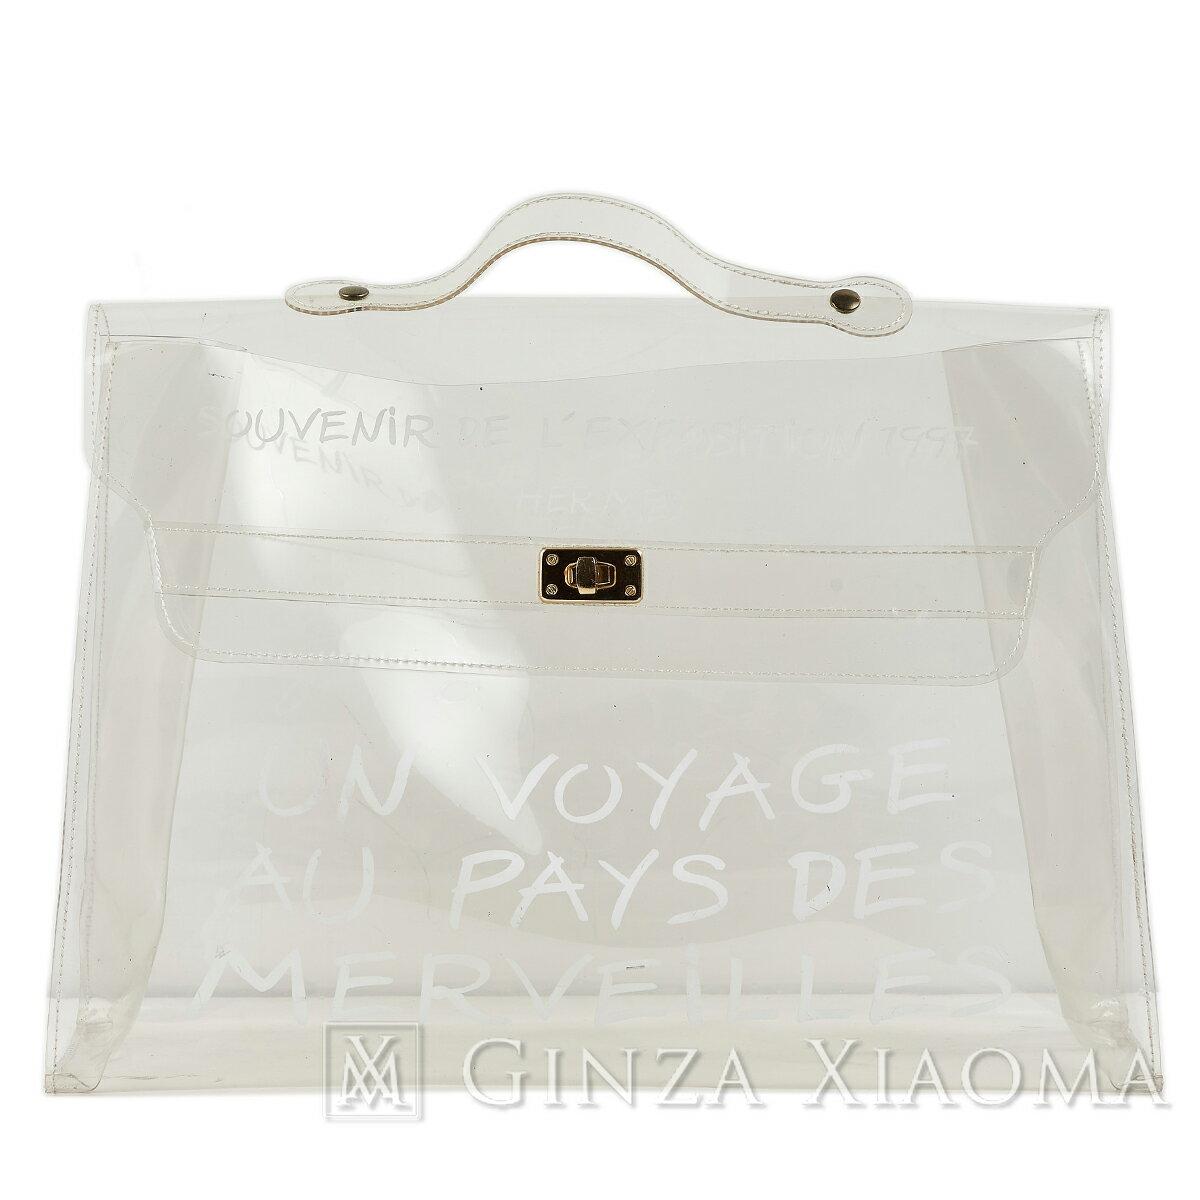 レディースバッグ, ハンドバッグ HERMES PVC Vinyl Kelly 40 handbag Transparent PVC Gold hardware